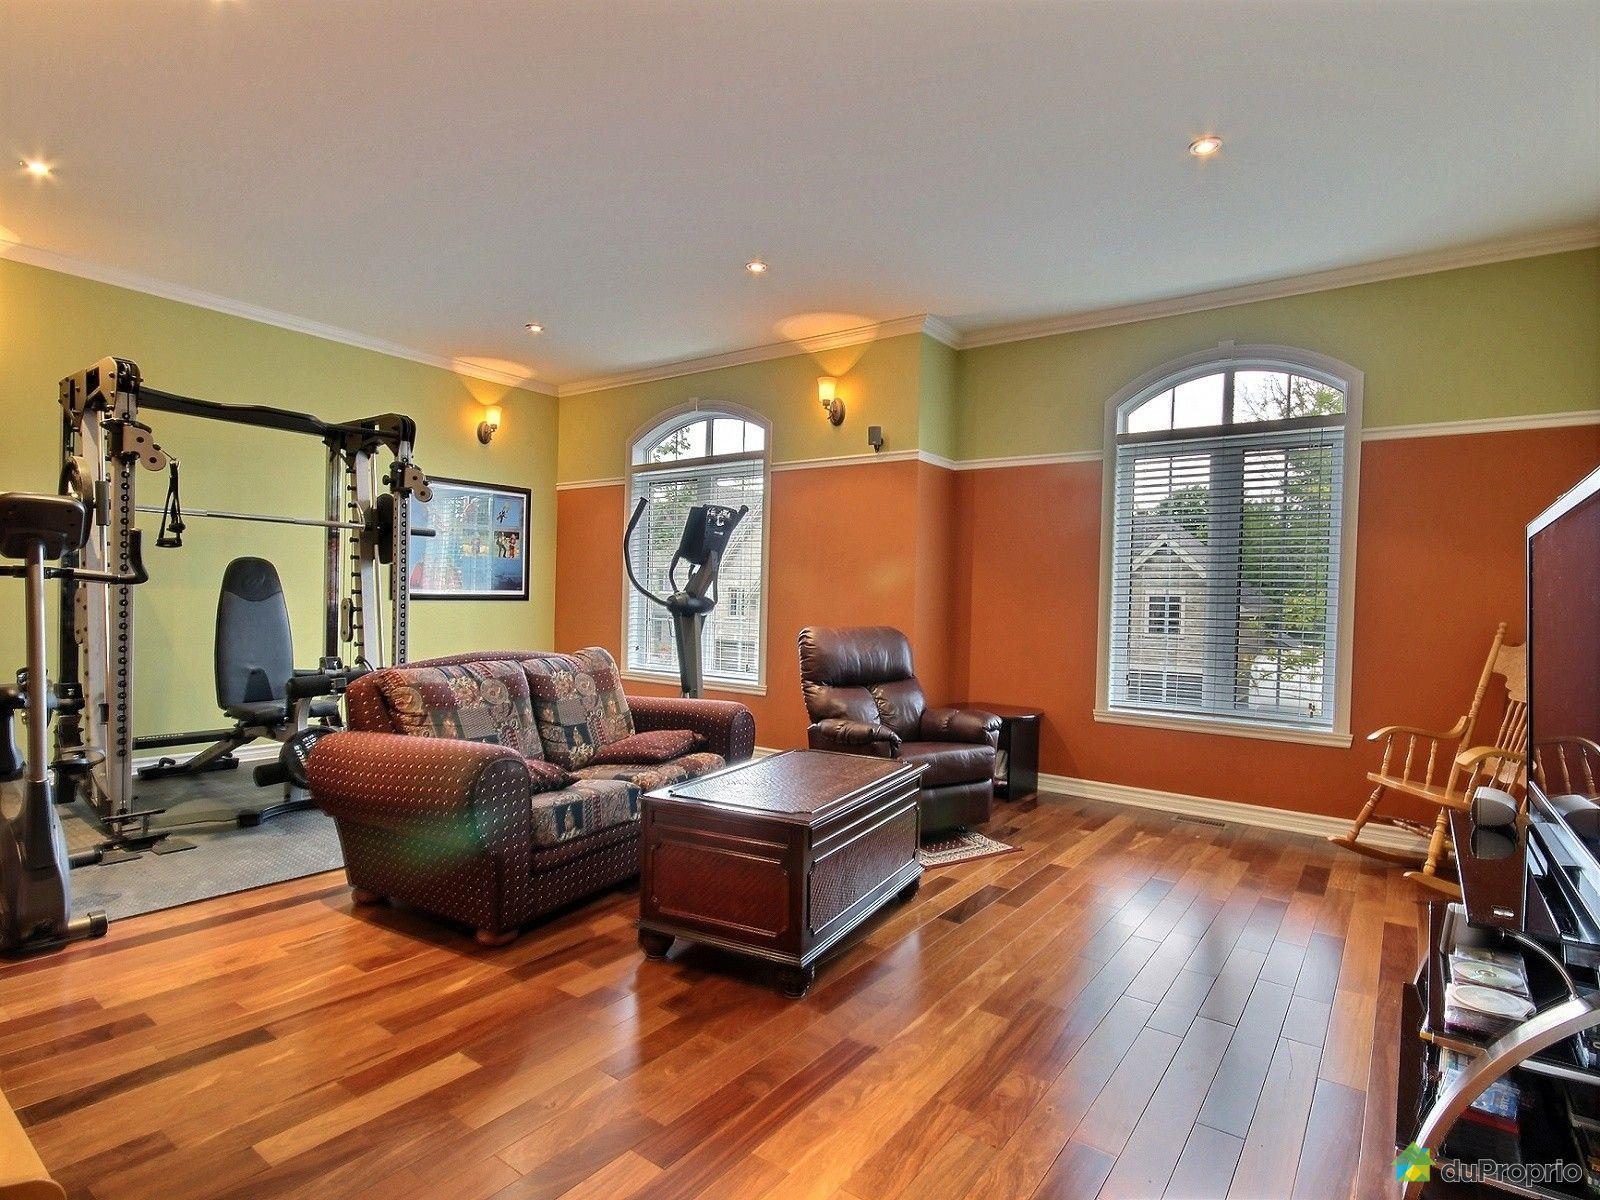 Maison à vendre Chambly, 1265 rue de Sabrevois, immobilier Québec | DuProprio | 541982